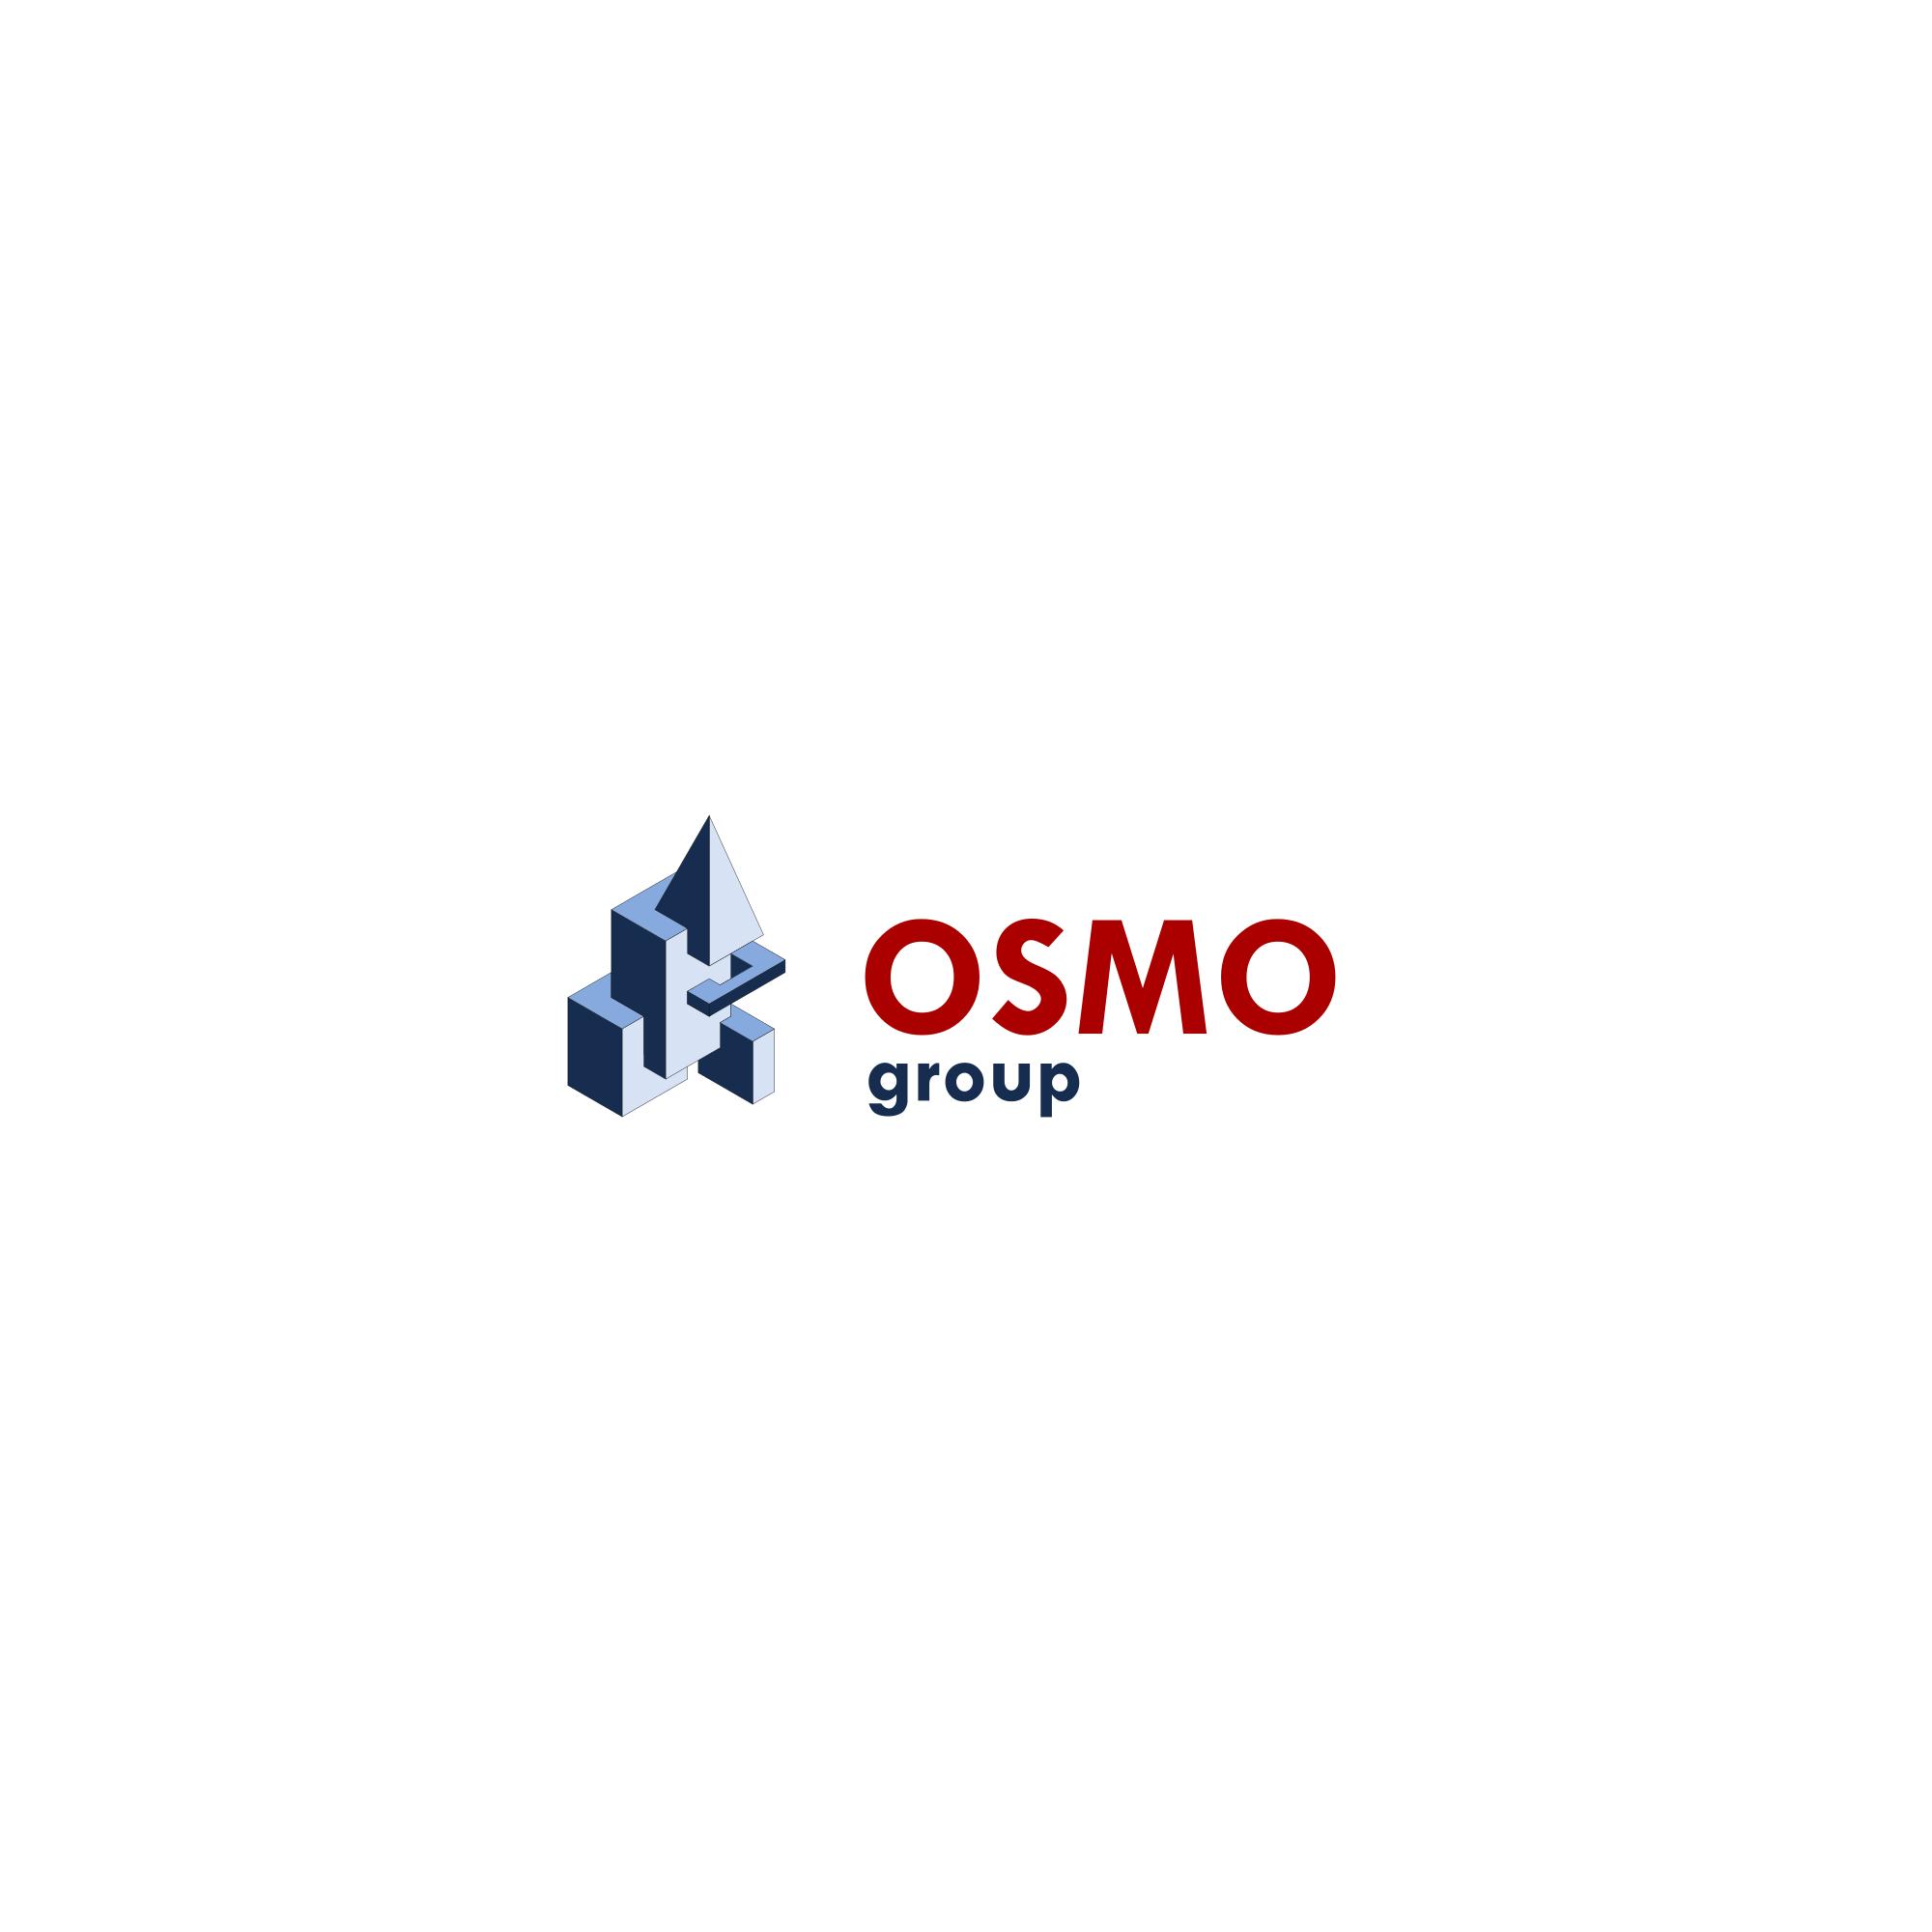 Создание логотипа для строительной компании OSMO group  фото f_71359b58c4361b67.png